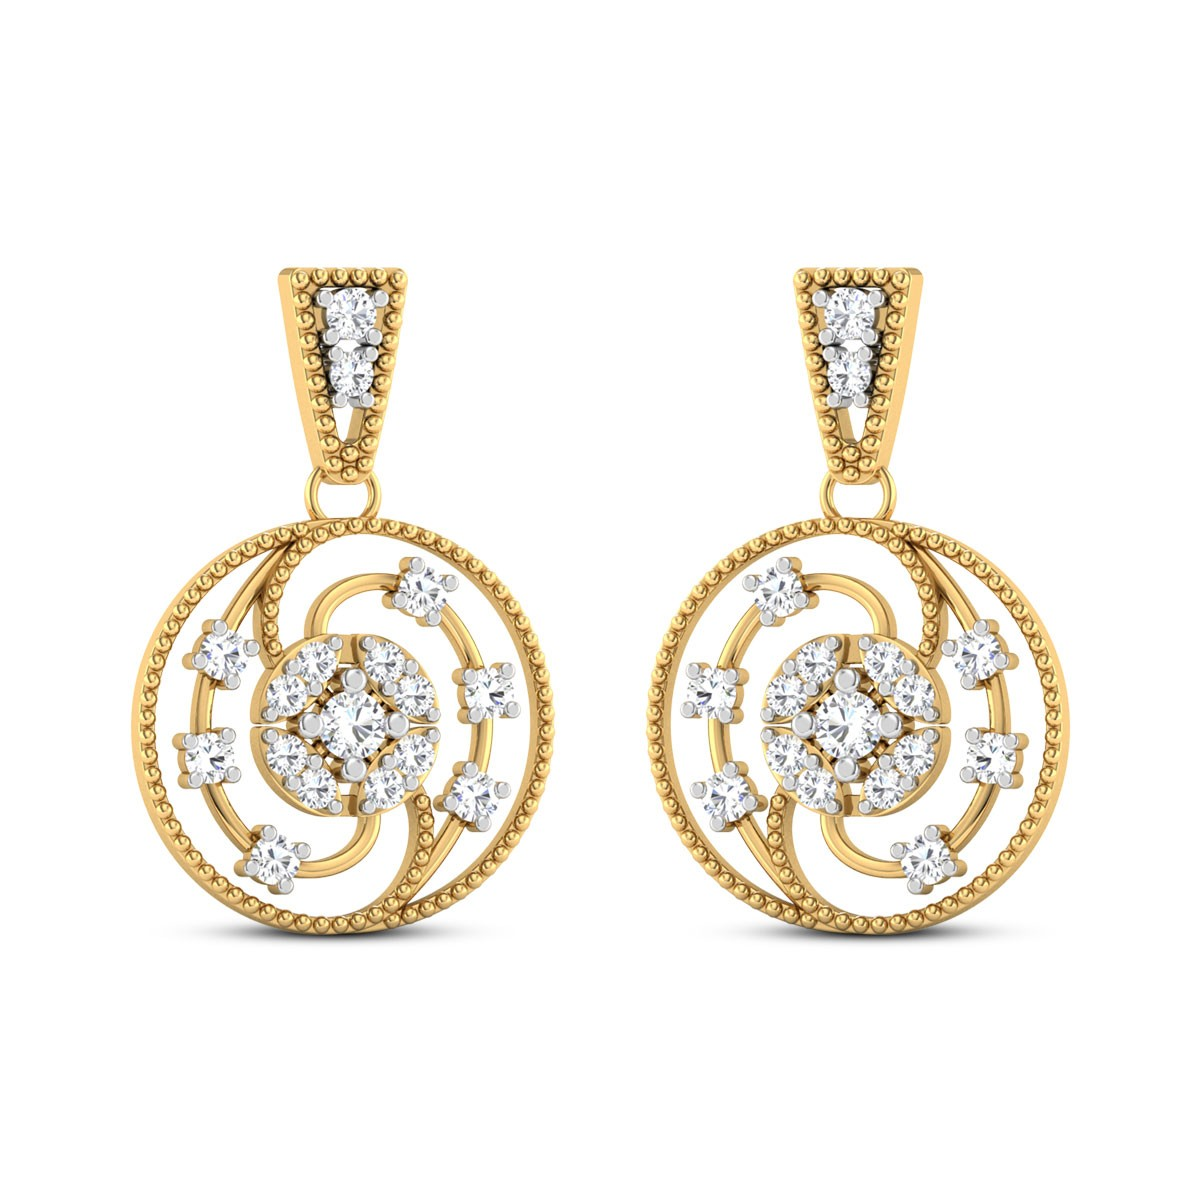 Everlasting Love Diamond Earrings